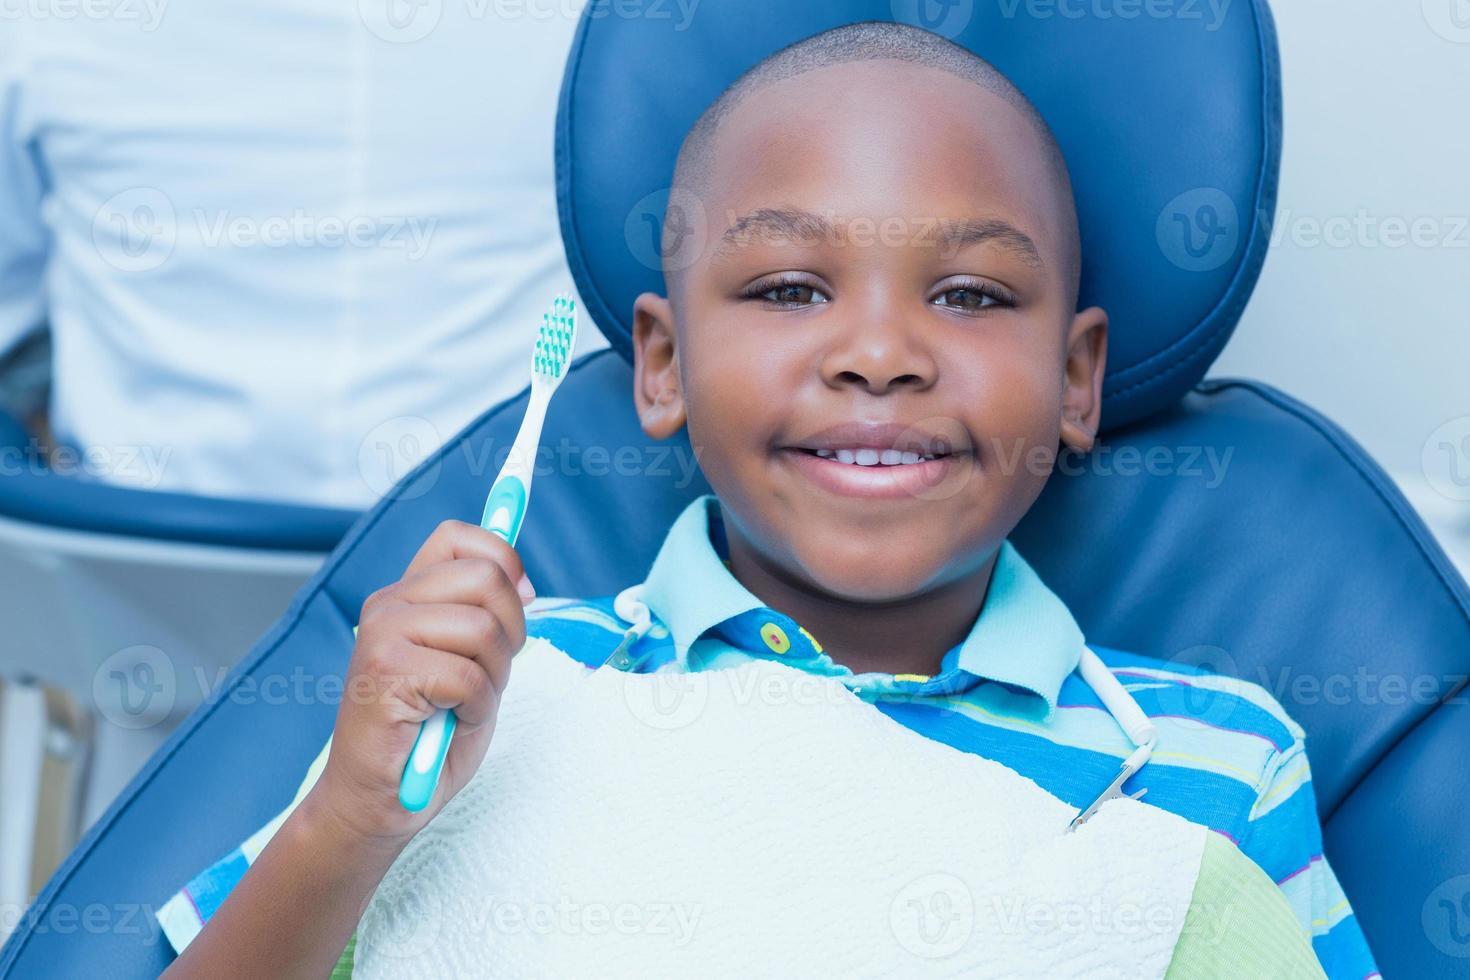 Junge, der Zahnbürste im Zahnarztstuhl hält foto